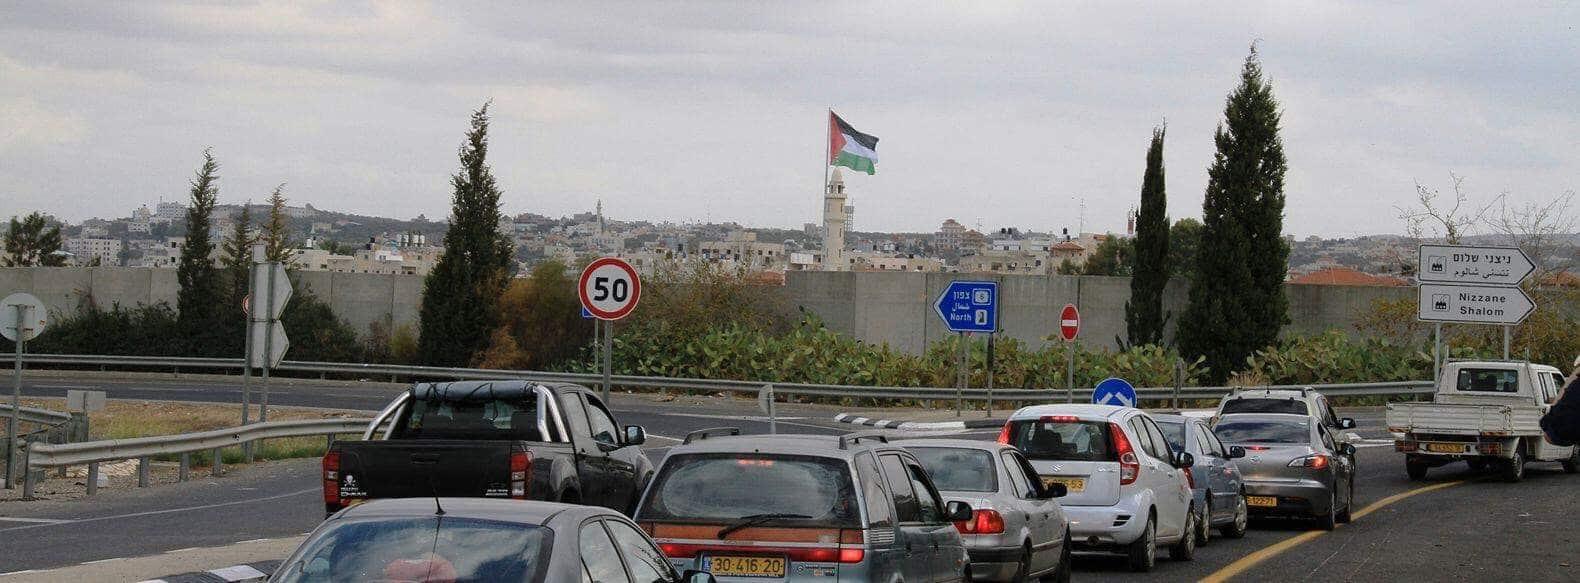 سارية العلم الفلسطيني في طولكرم كما تظهر من الأراضي الـ 48